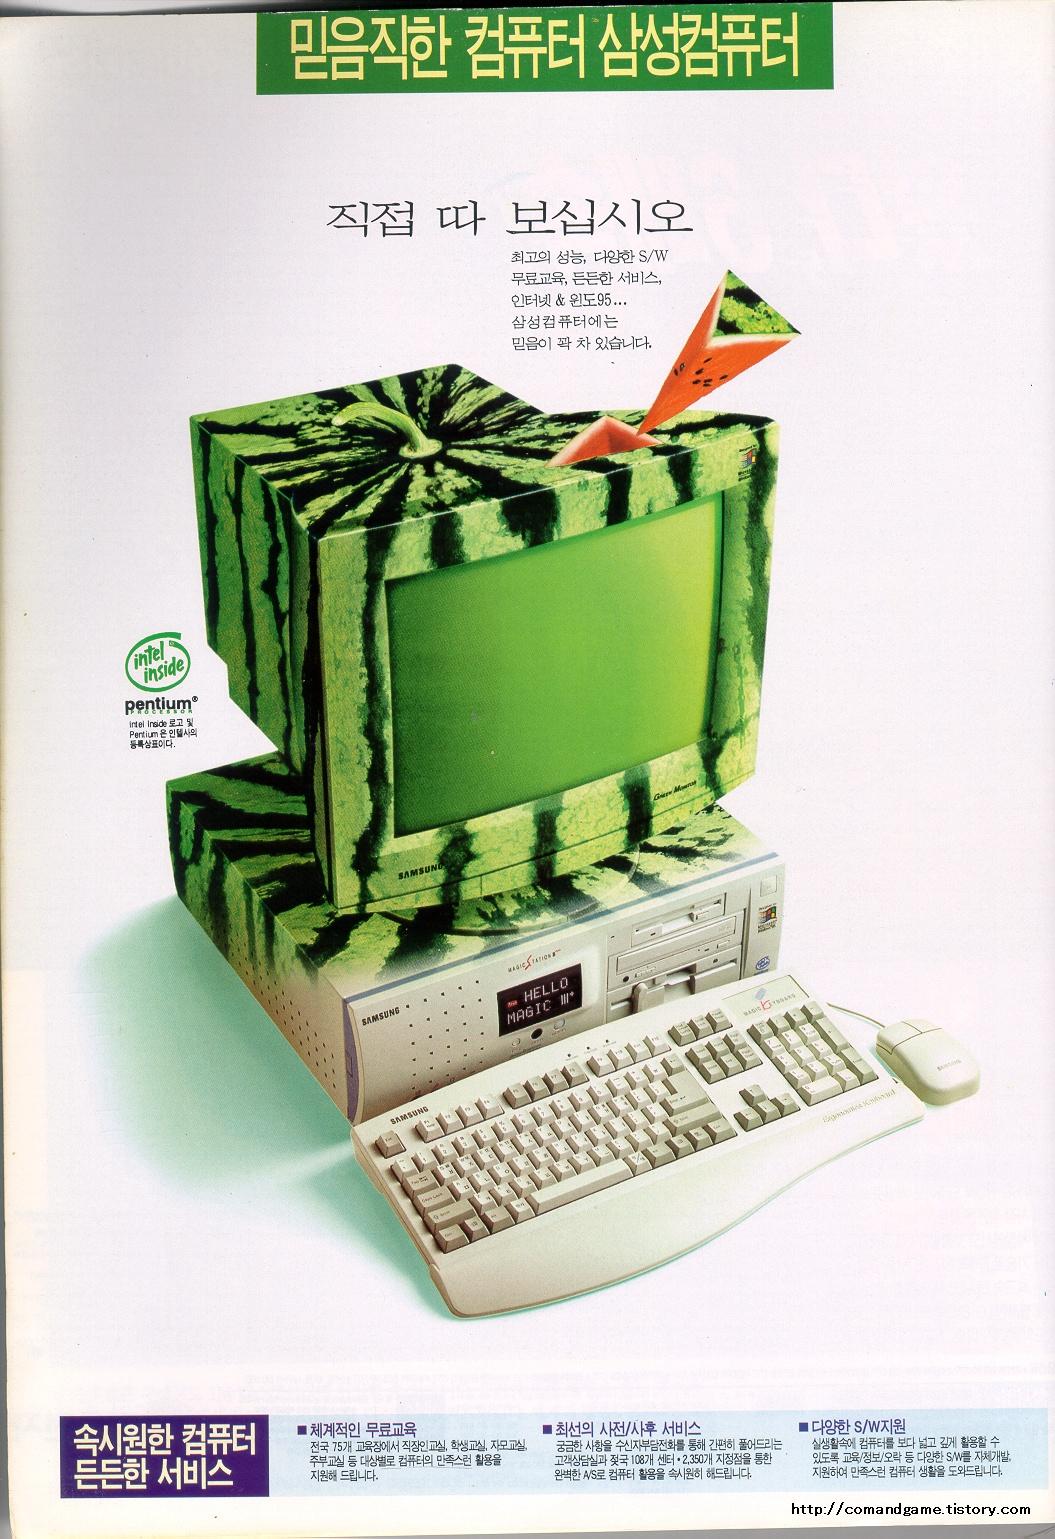 삼성전자 - 매직스테이션3 컴퓨터 잡지 광고